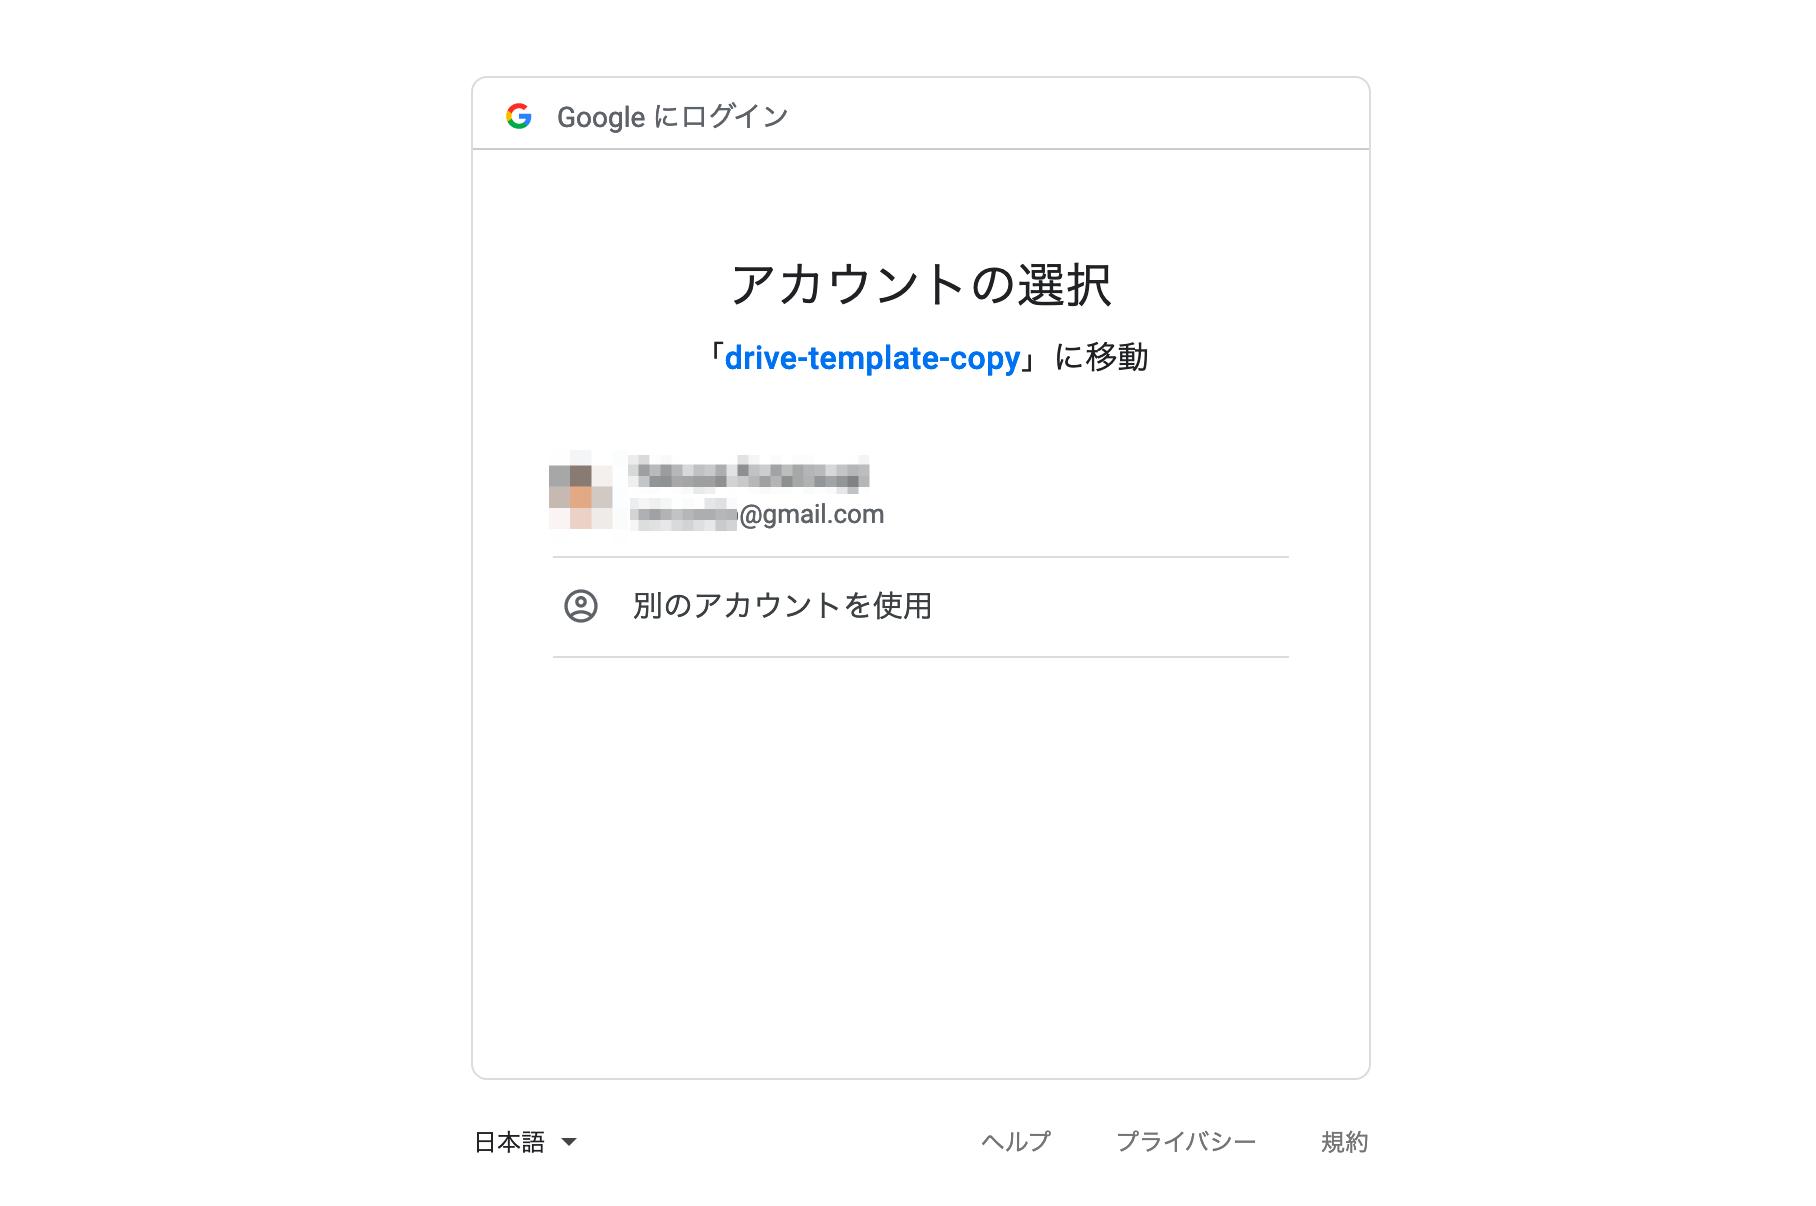 7-login_google-again.png